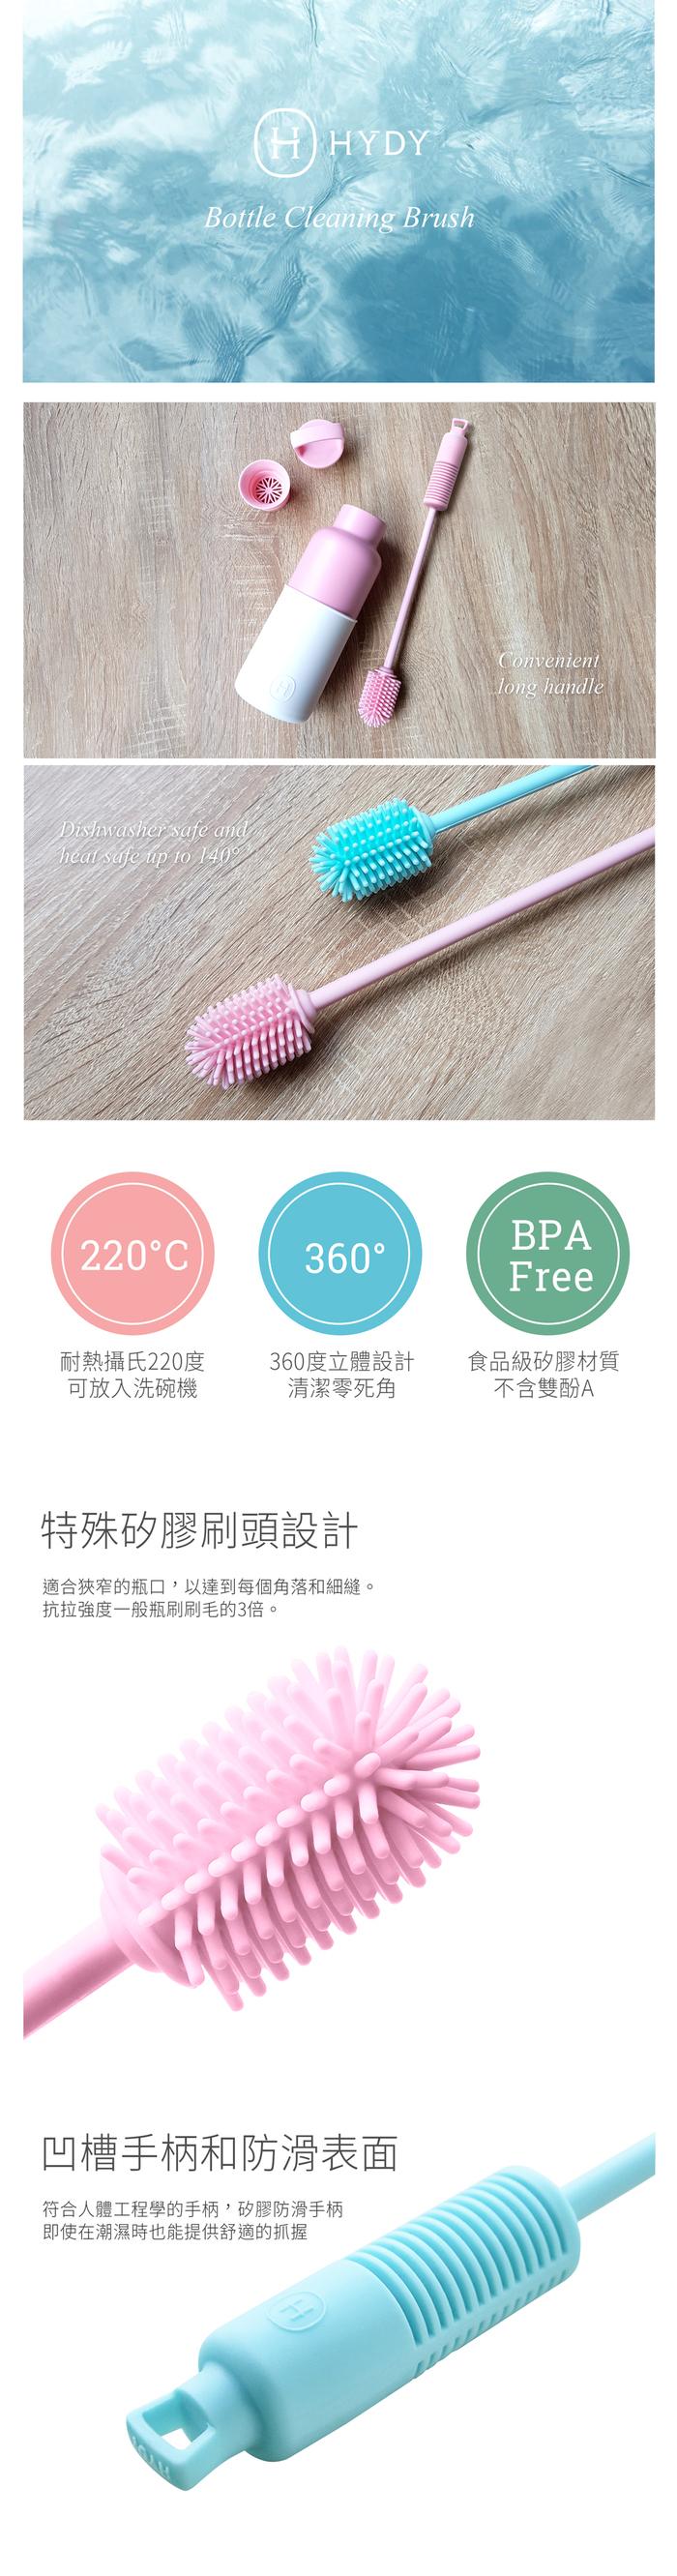 美國 HYDY│水瓶清洗專用刷具